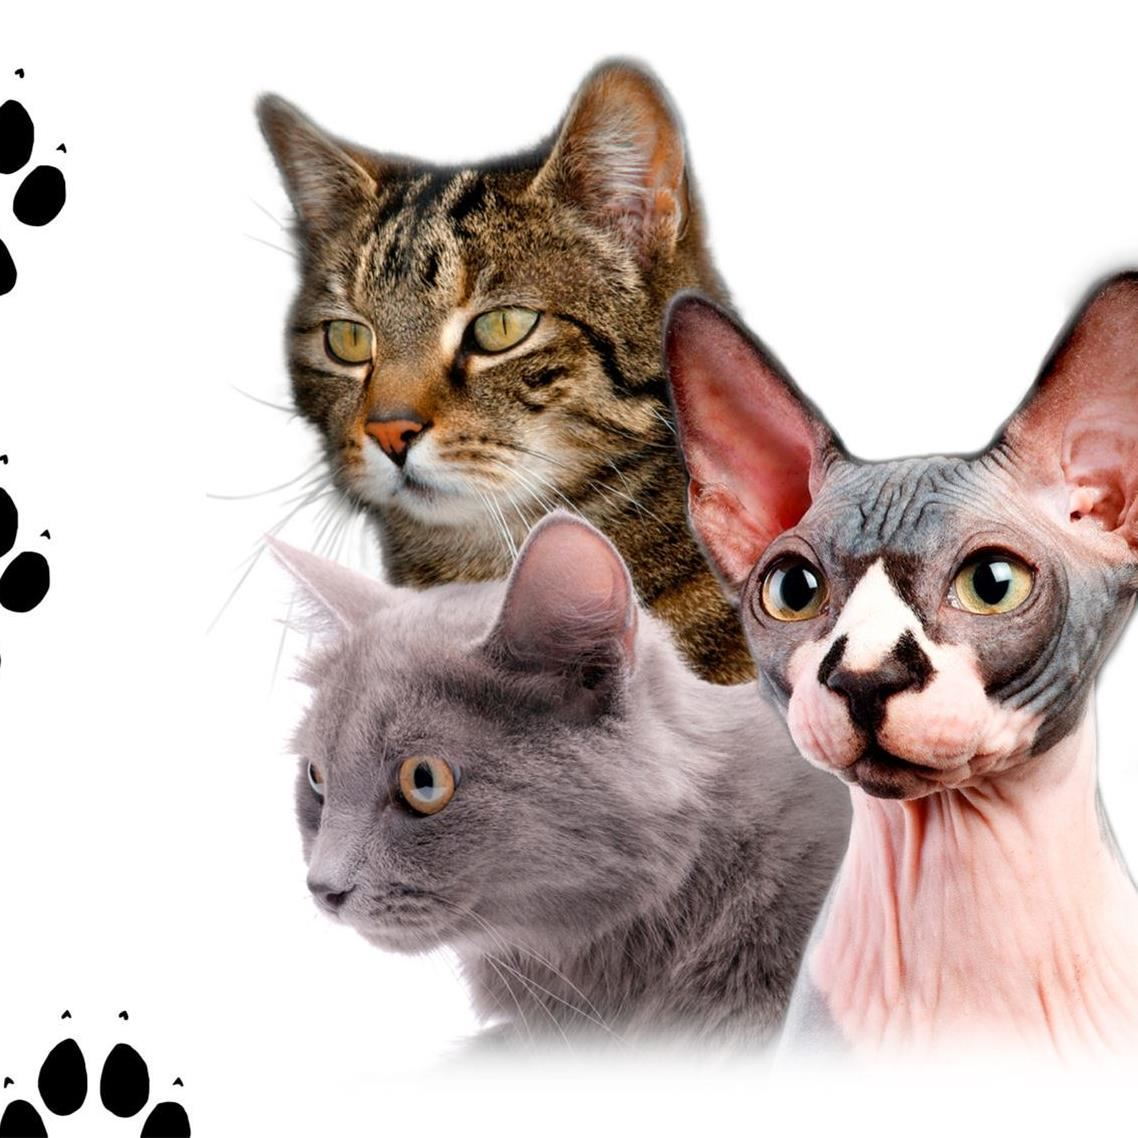 Internationell kattutställning